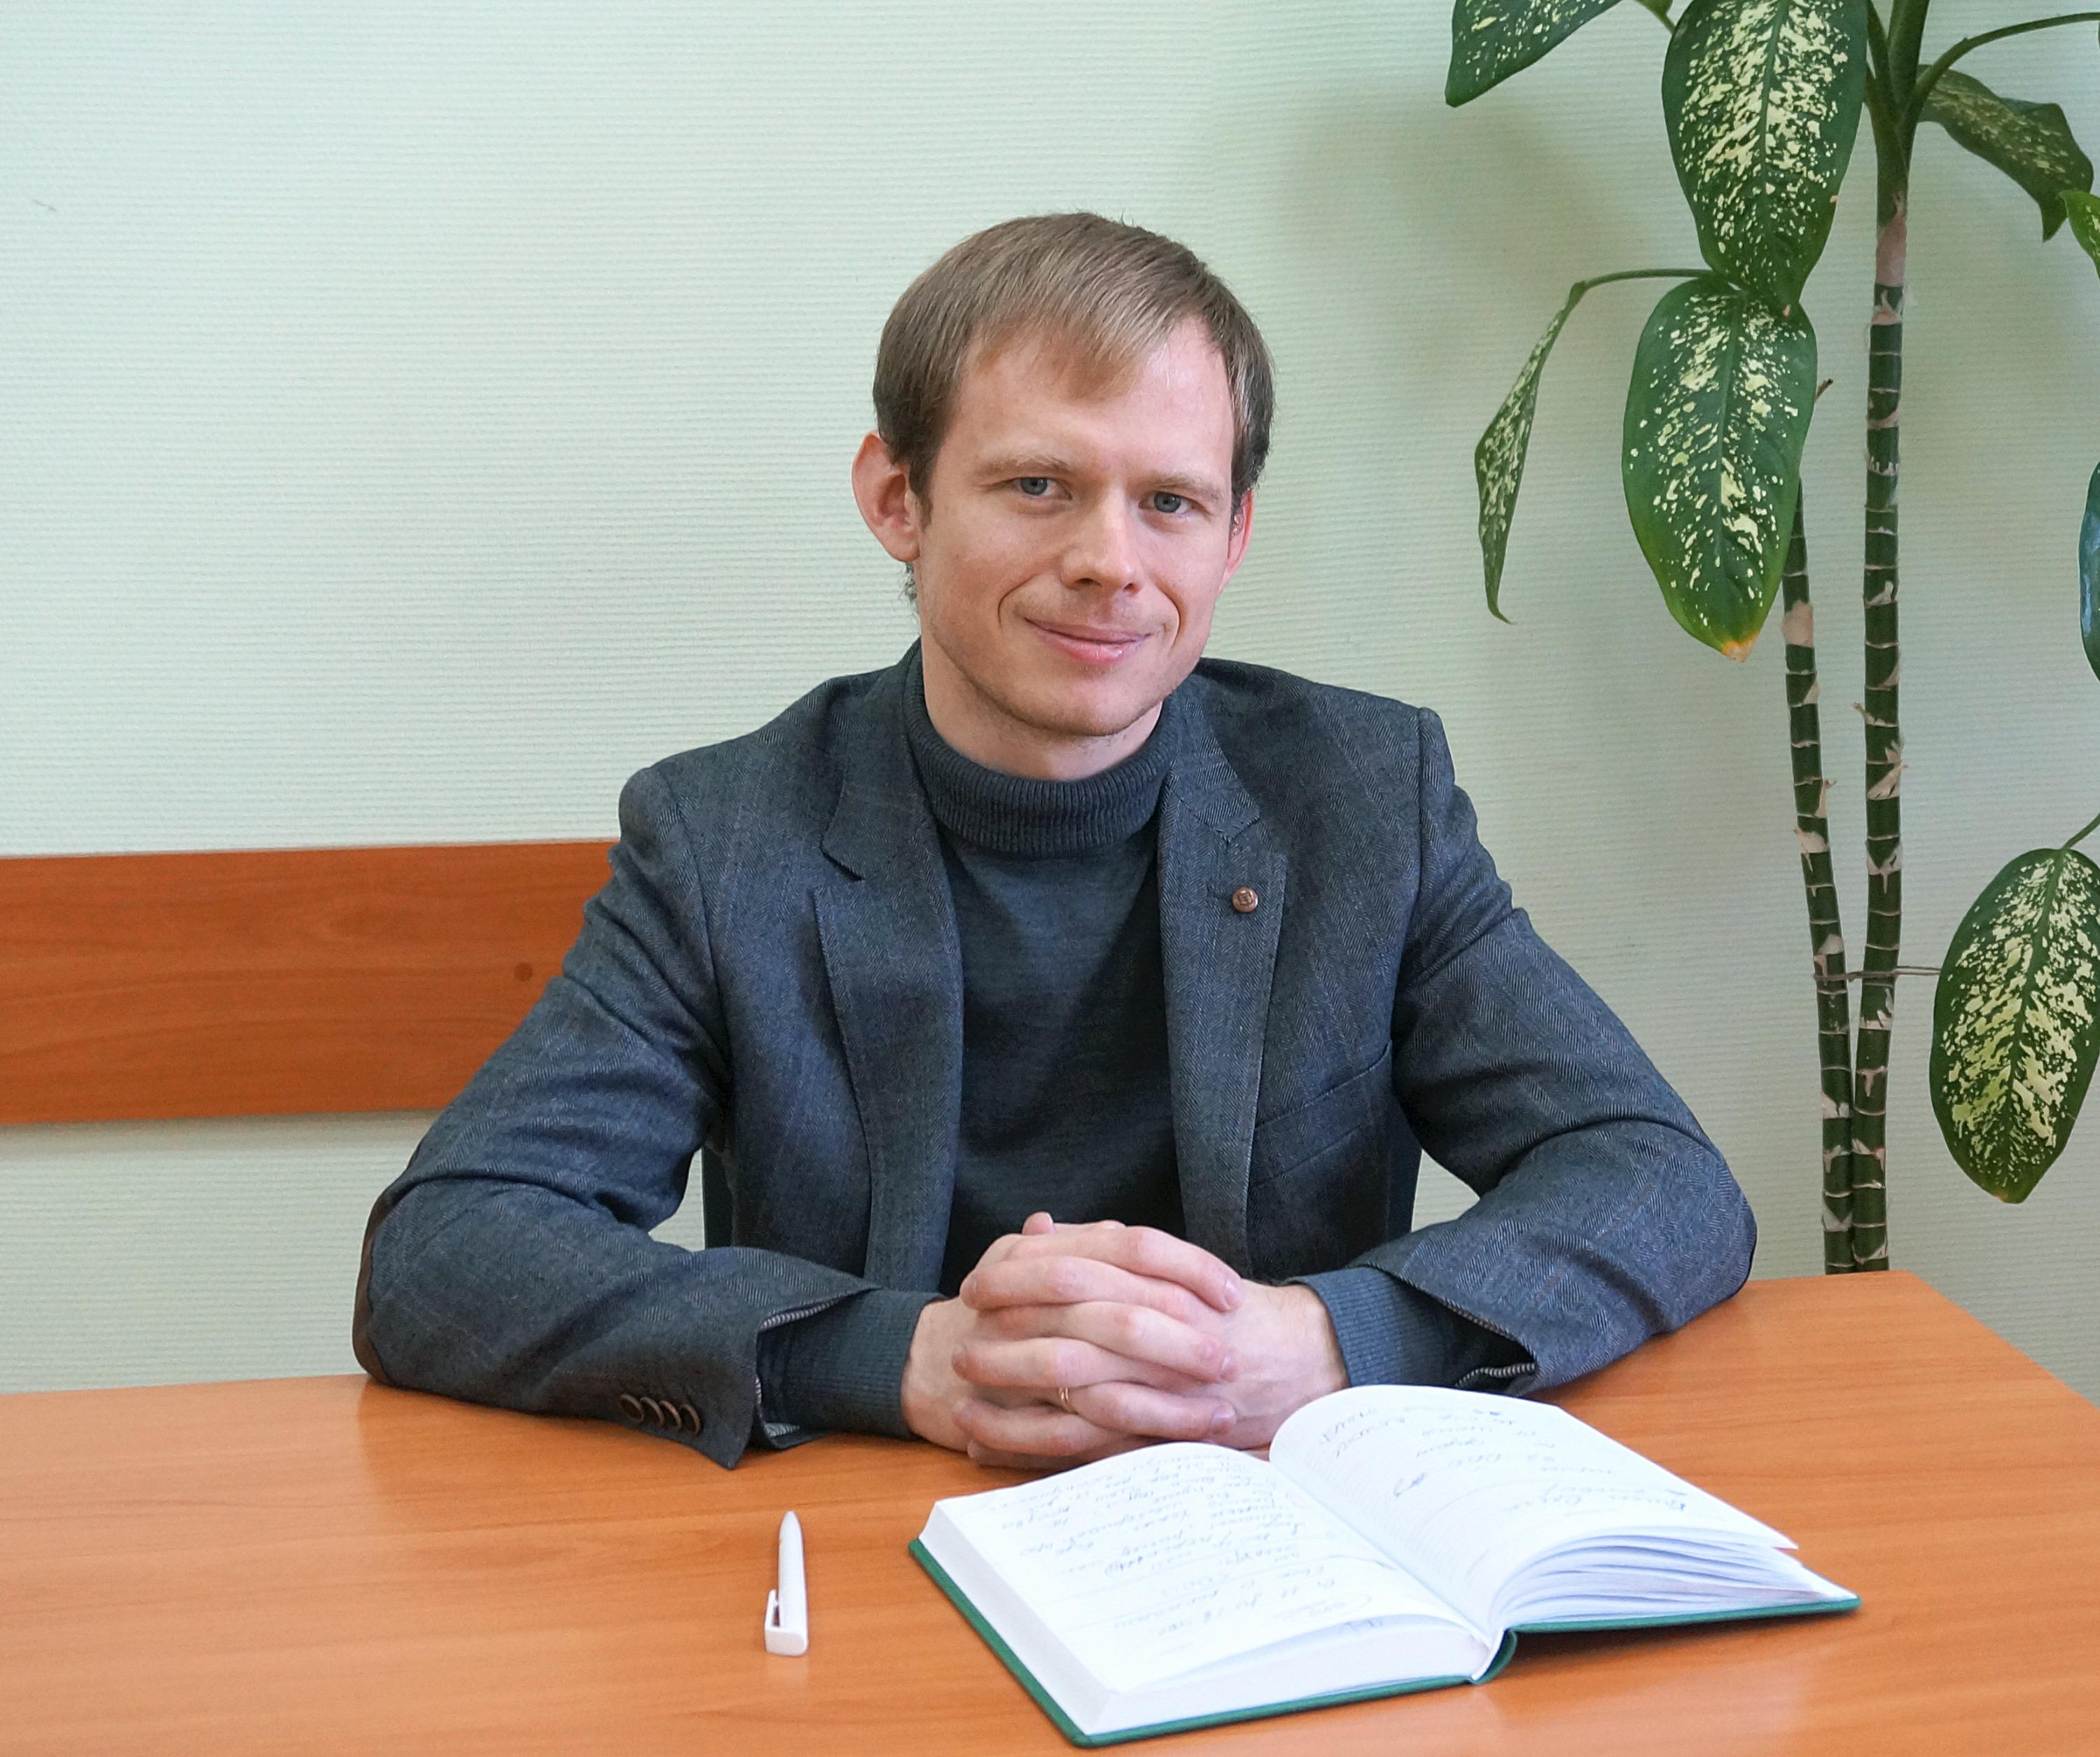 Дмитрий Денисов объяснил, что способ самовзятия в лабораторной диагностике практикуют давно. И не только в России